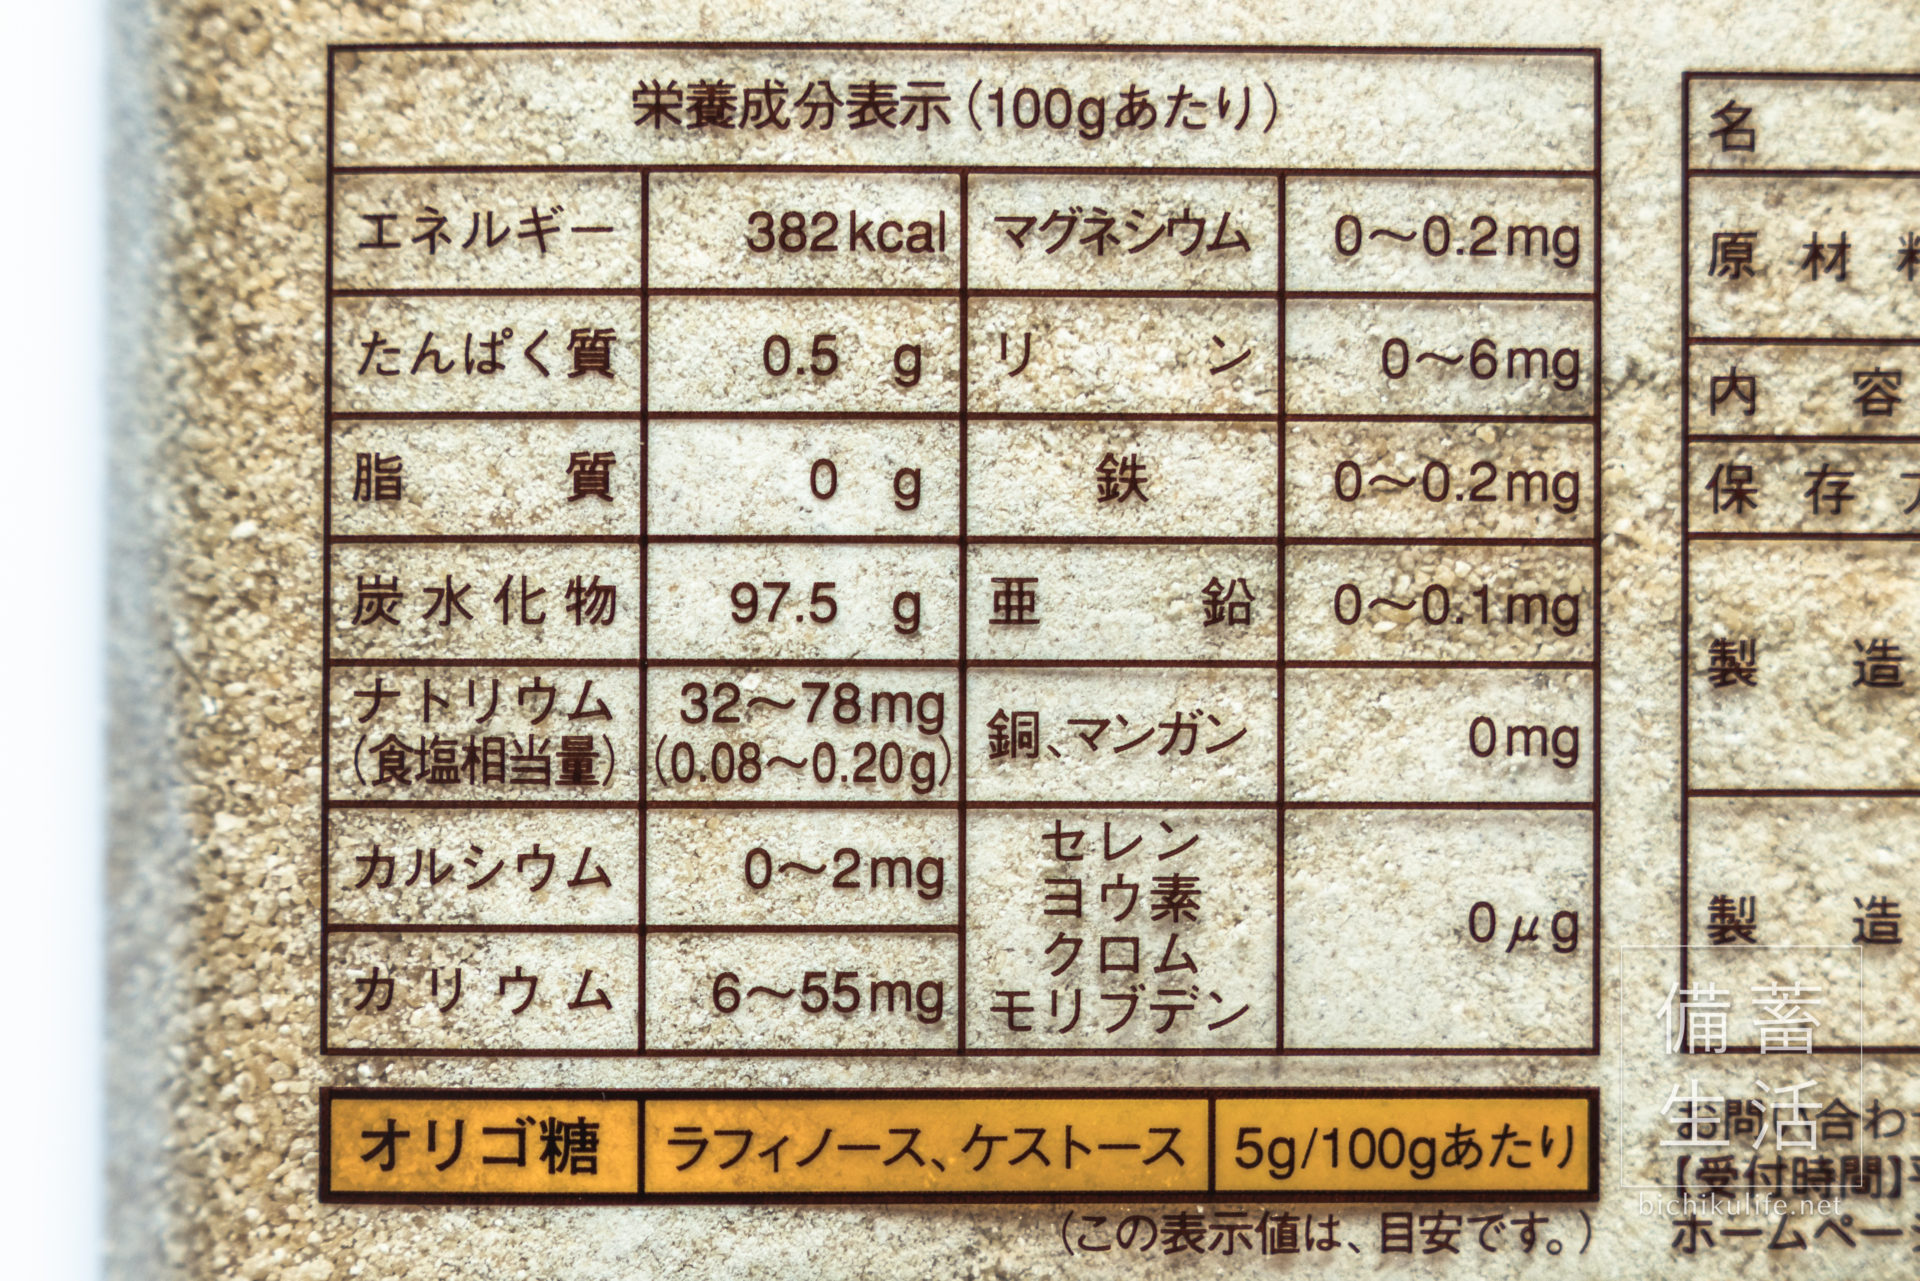 ホクレン 北海道産 てんさい糖の栄養成分表示